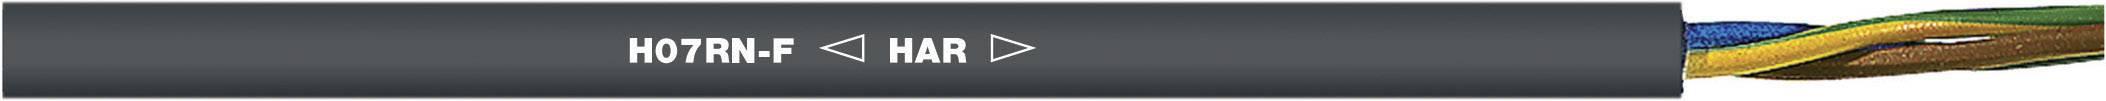 Připojovací kabel H07RN-F 2 x 6 mm² černá LappKabel 1600095/1000 1000 m